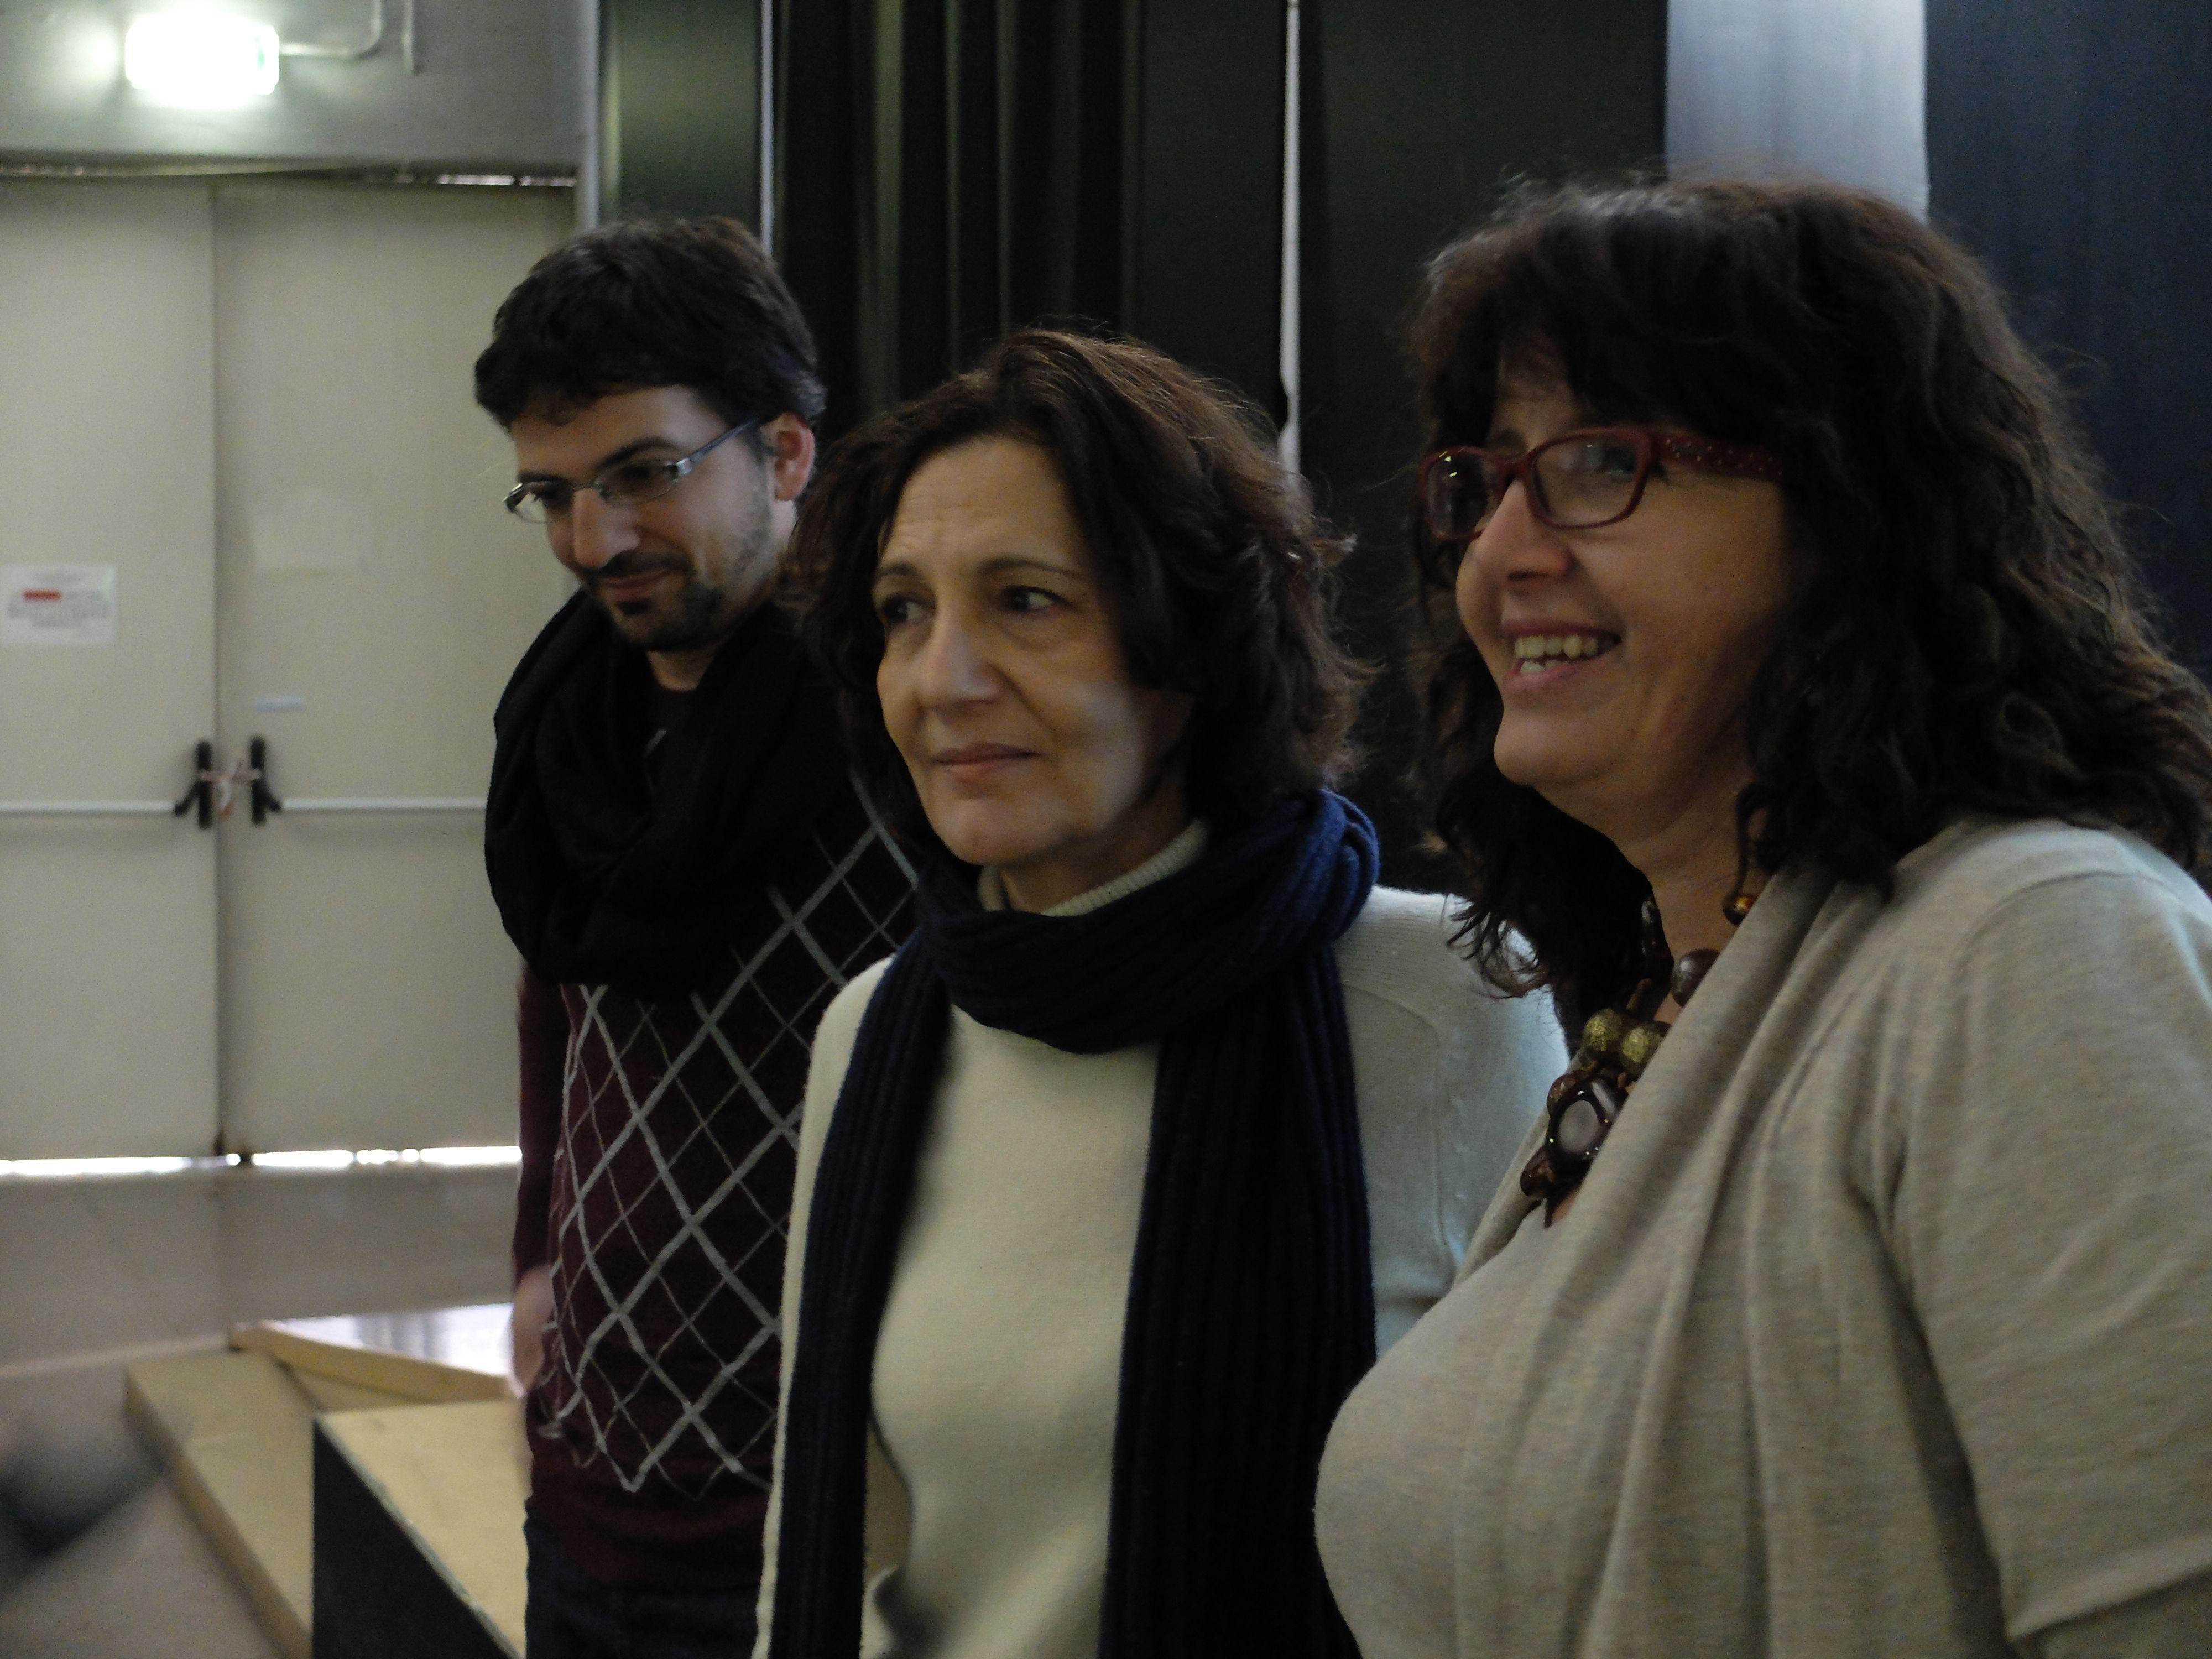 17 Febbraio: Lezione antimafia per i ragazzi della Don Cavalli con Mara Foti, madre coraggio del giornalista Giovanni Tizian